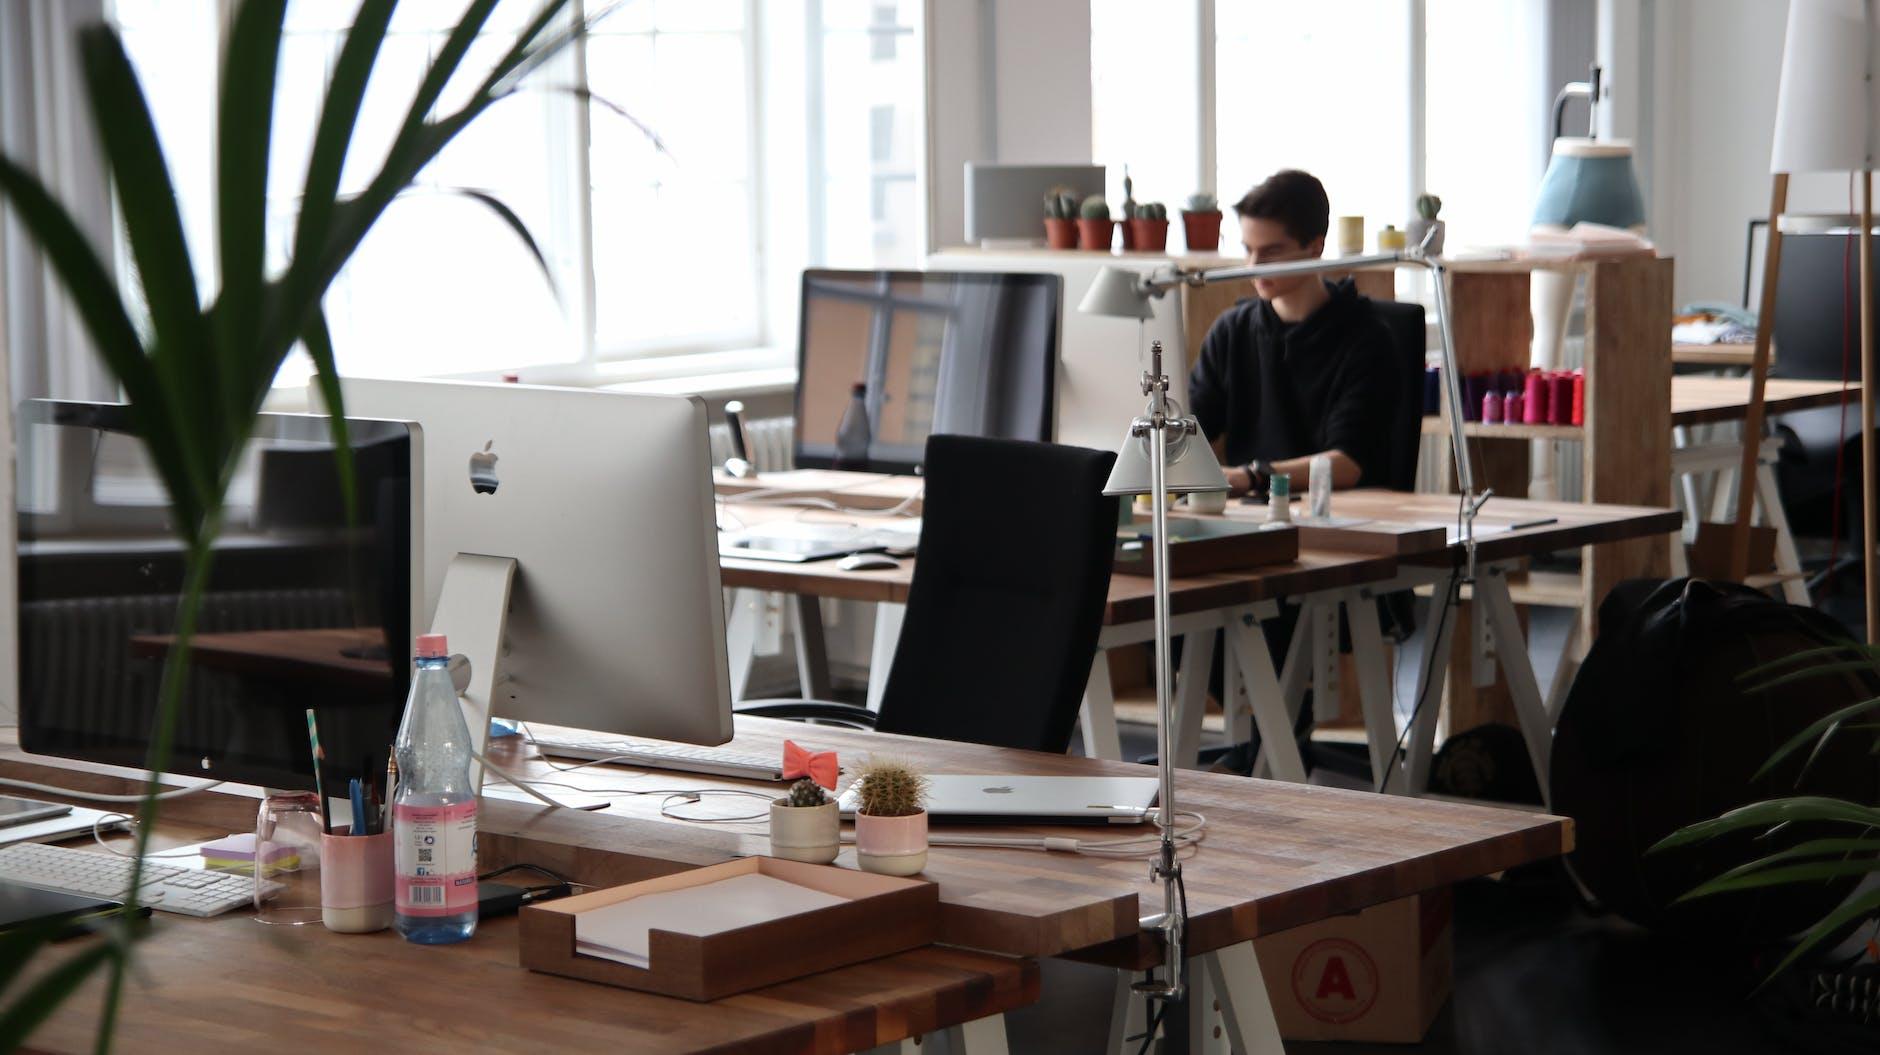 Top Digital Marketing Agencies in August 2019 - Best Firms